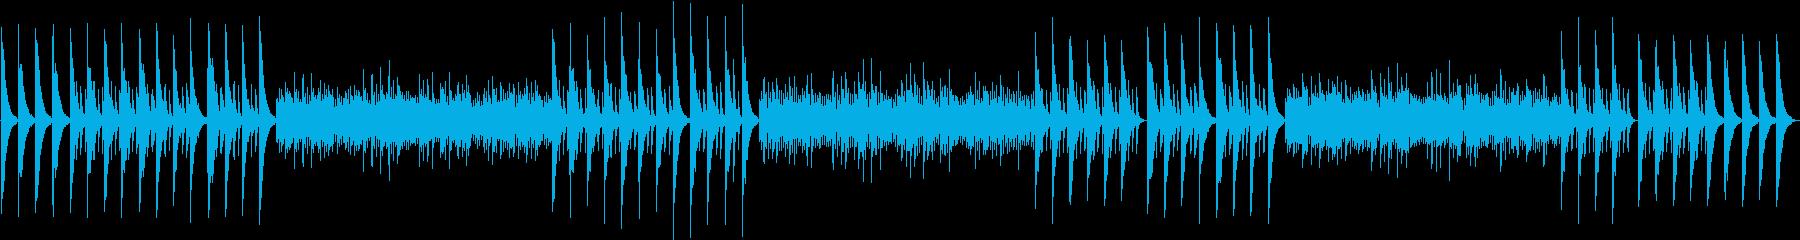 秋の木陰をイメージしたピアノ曲の再生済みの波形